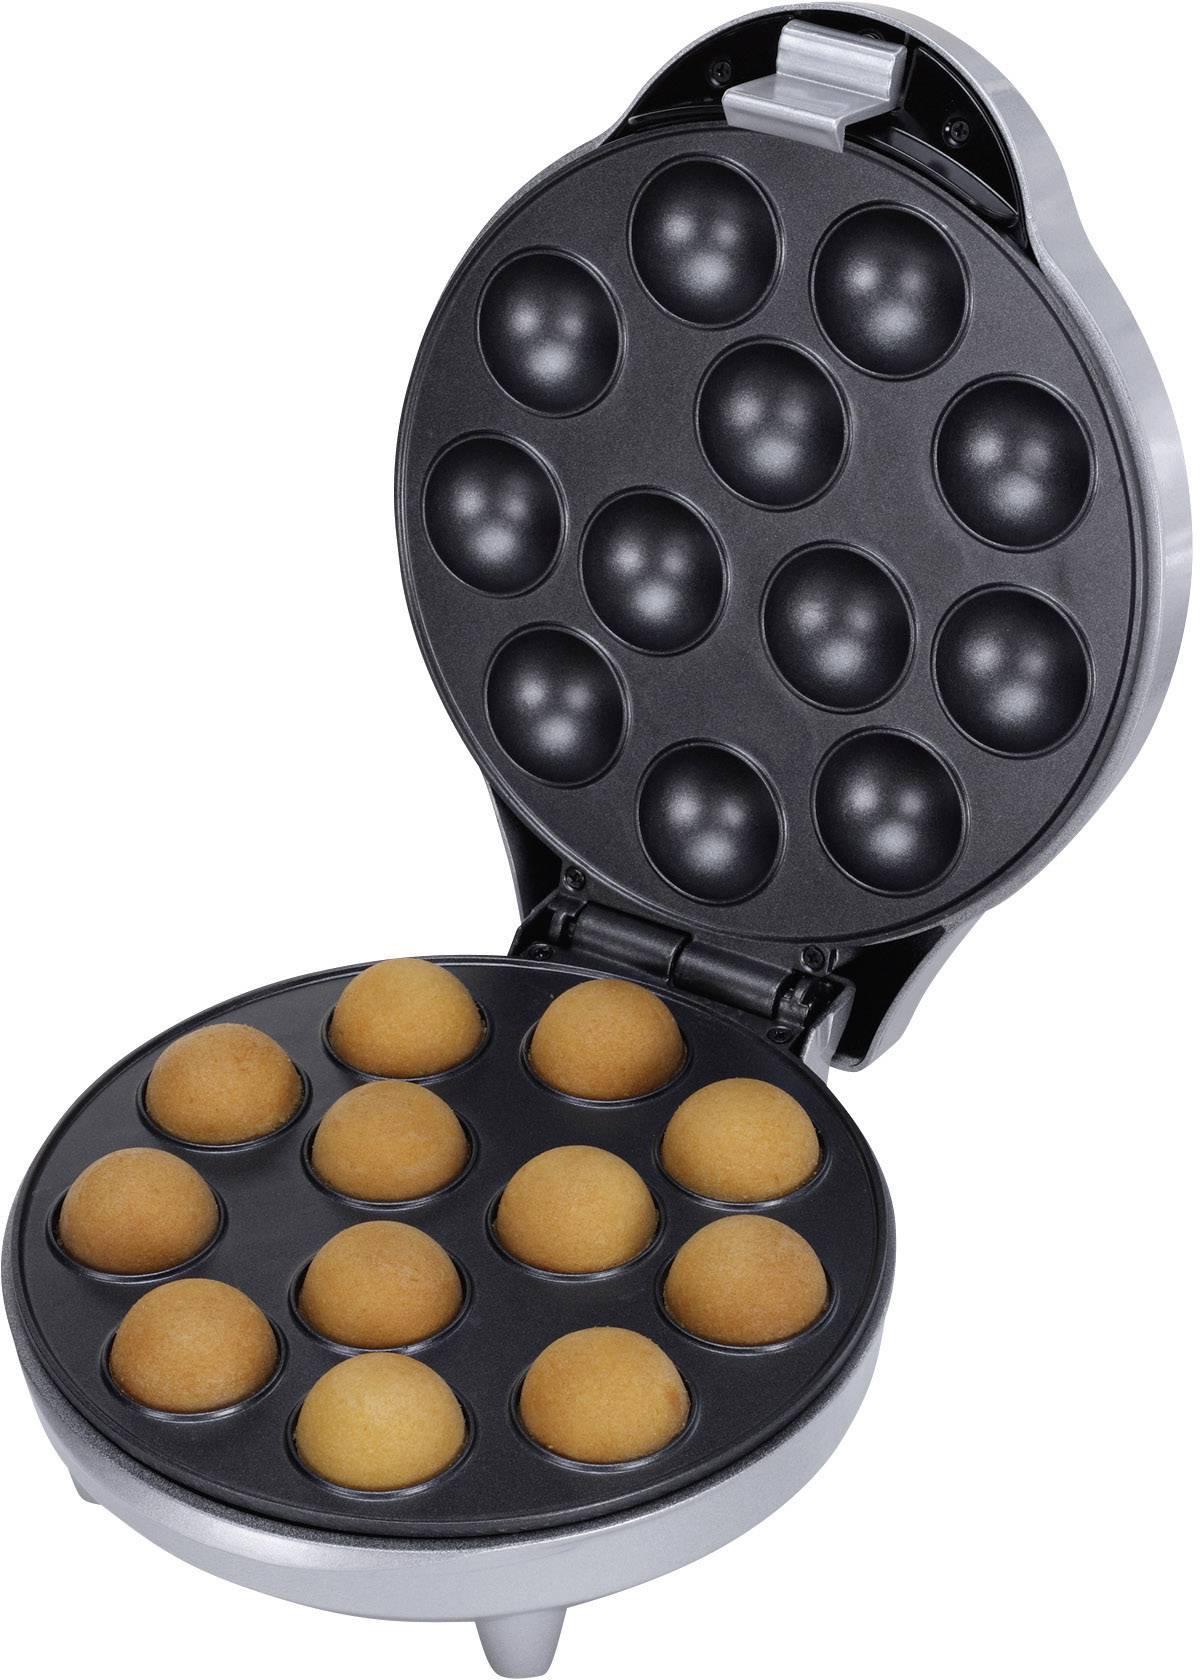 Prístroj na tortová lízanky cake pops Tristar SA1123 SA1123, strieborná